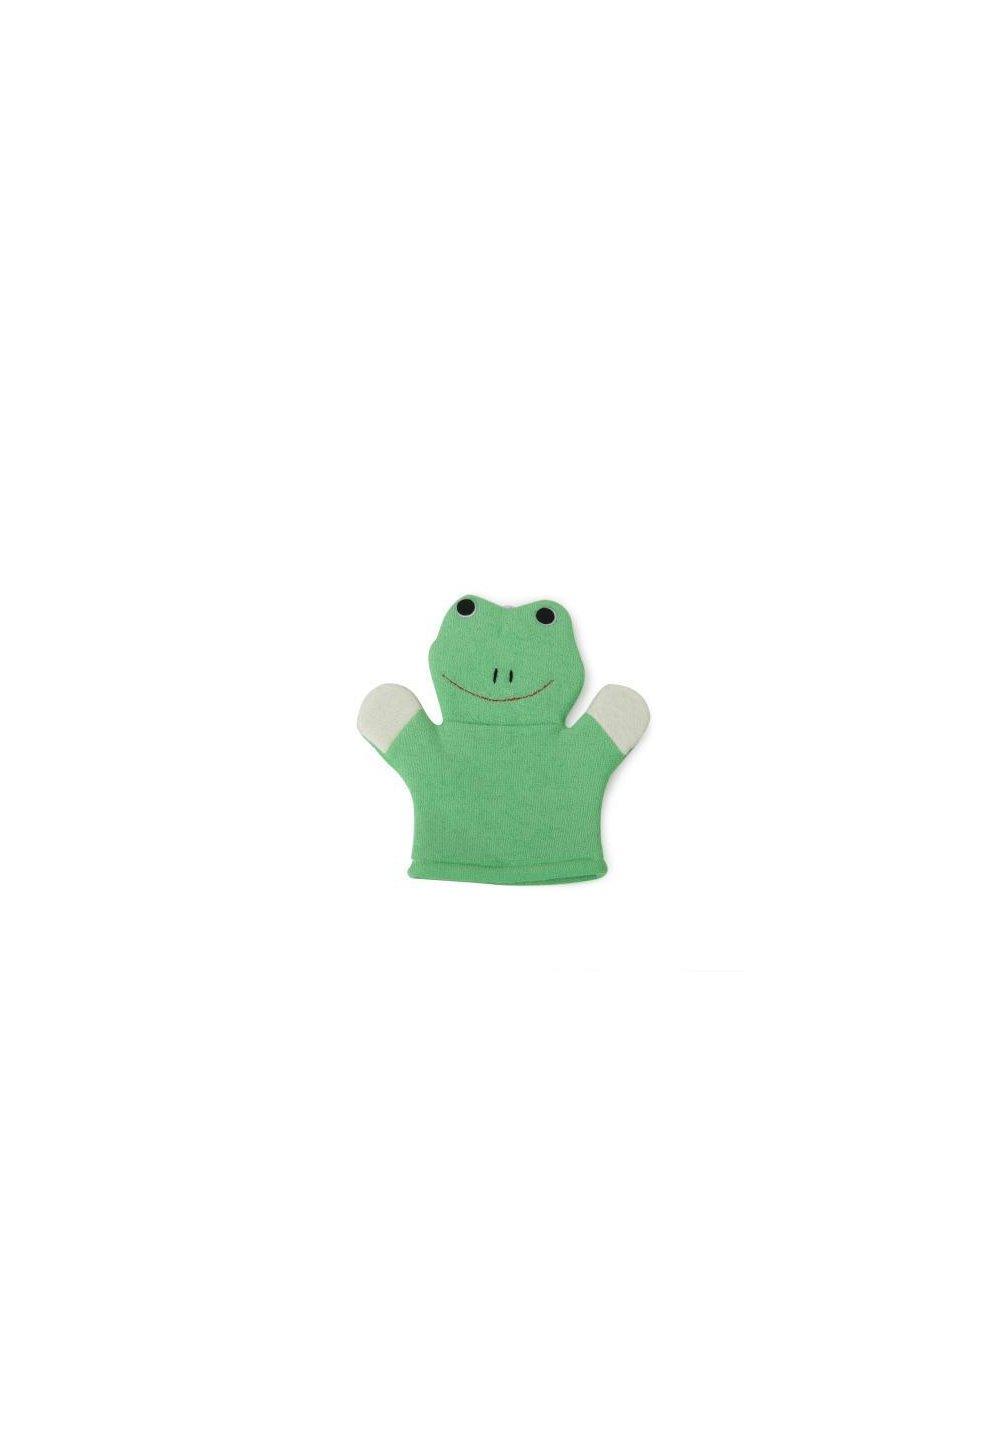 Manusa baie, broscuta, verde imagine